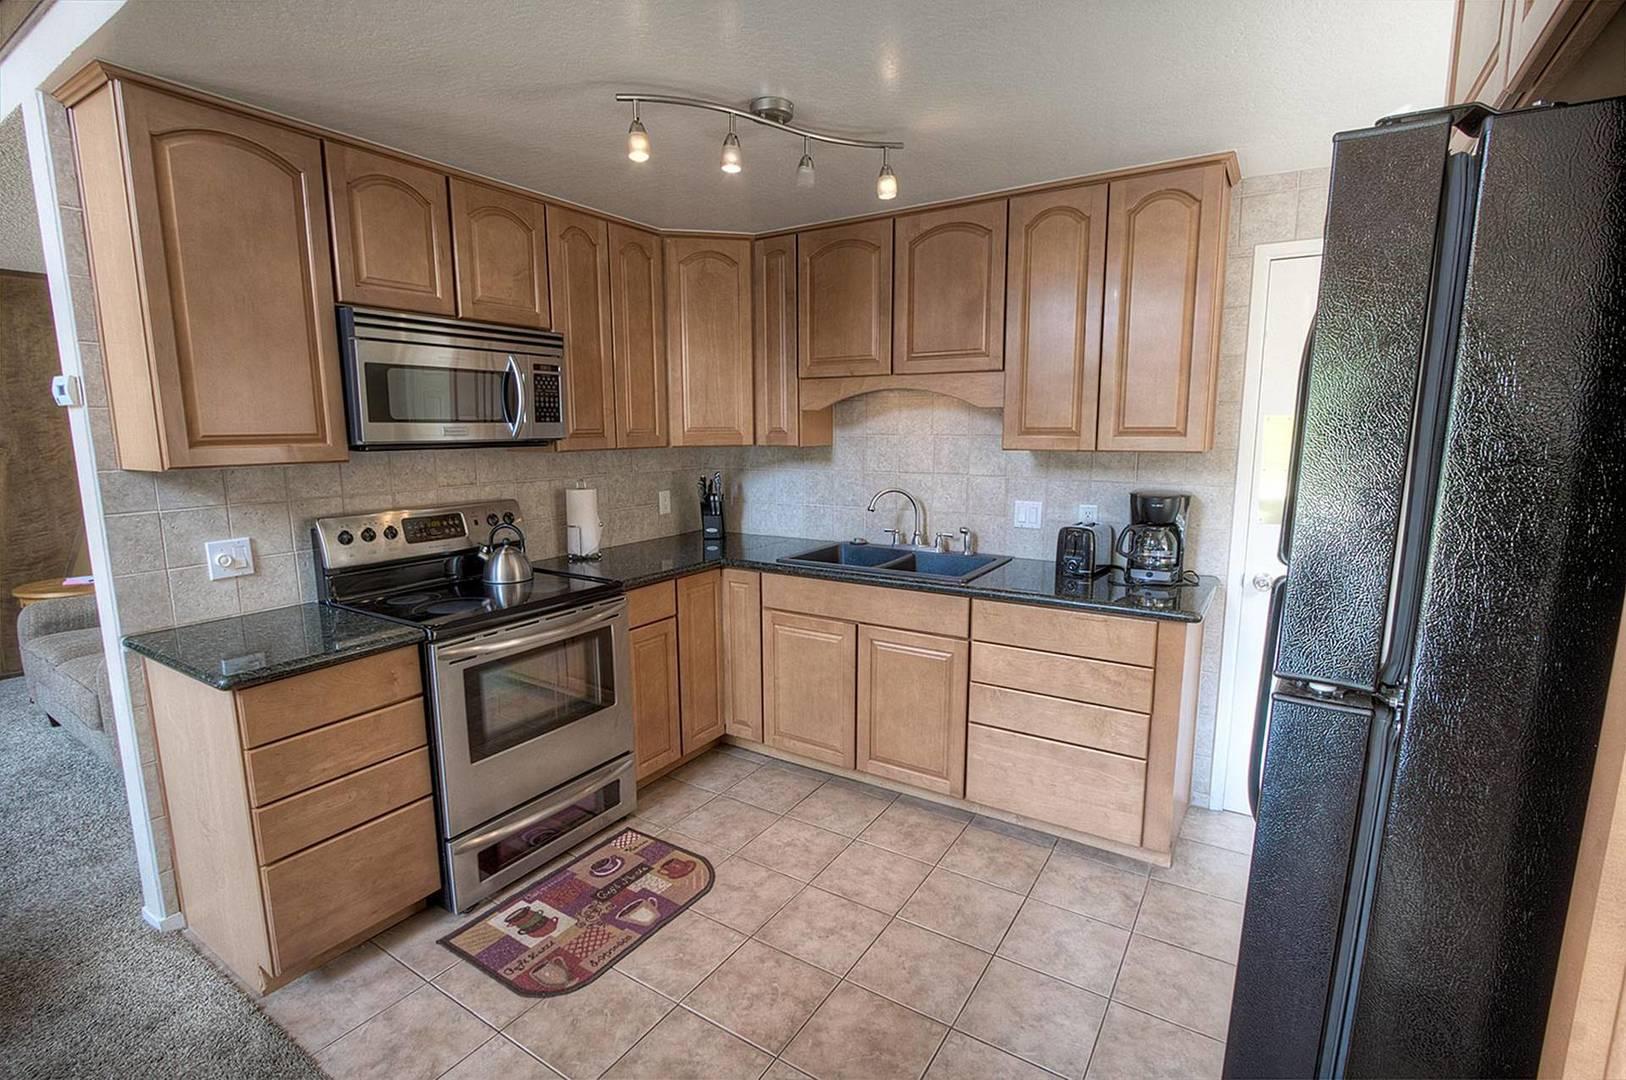 cyh1046 kitchen